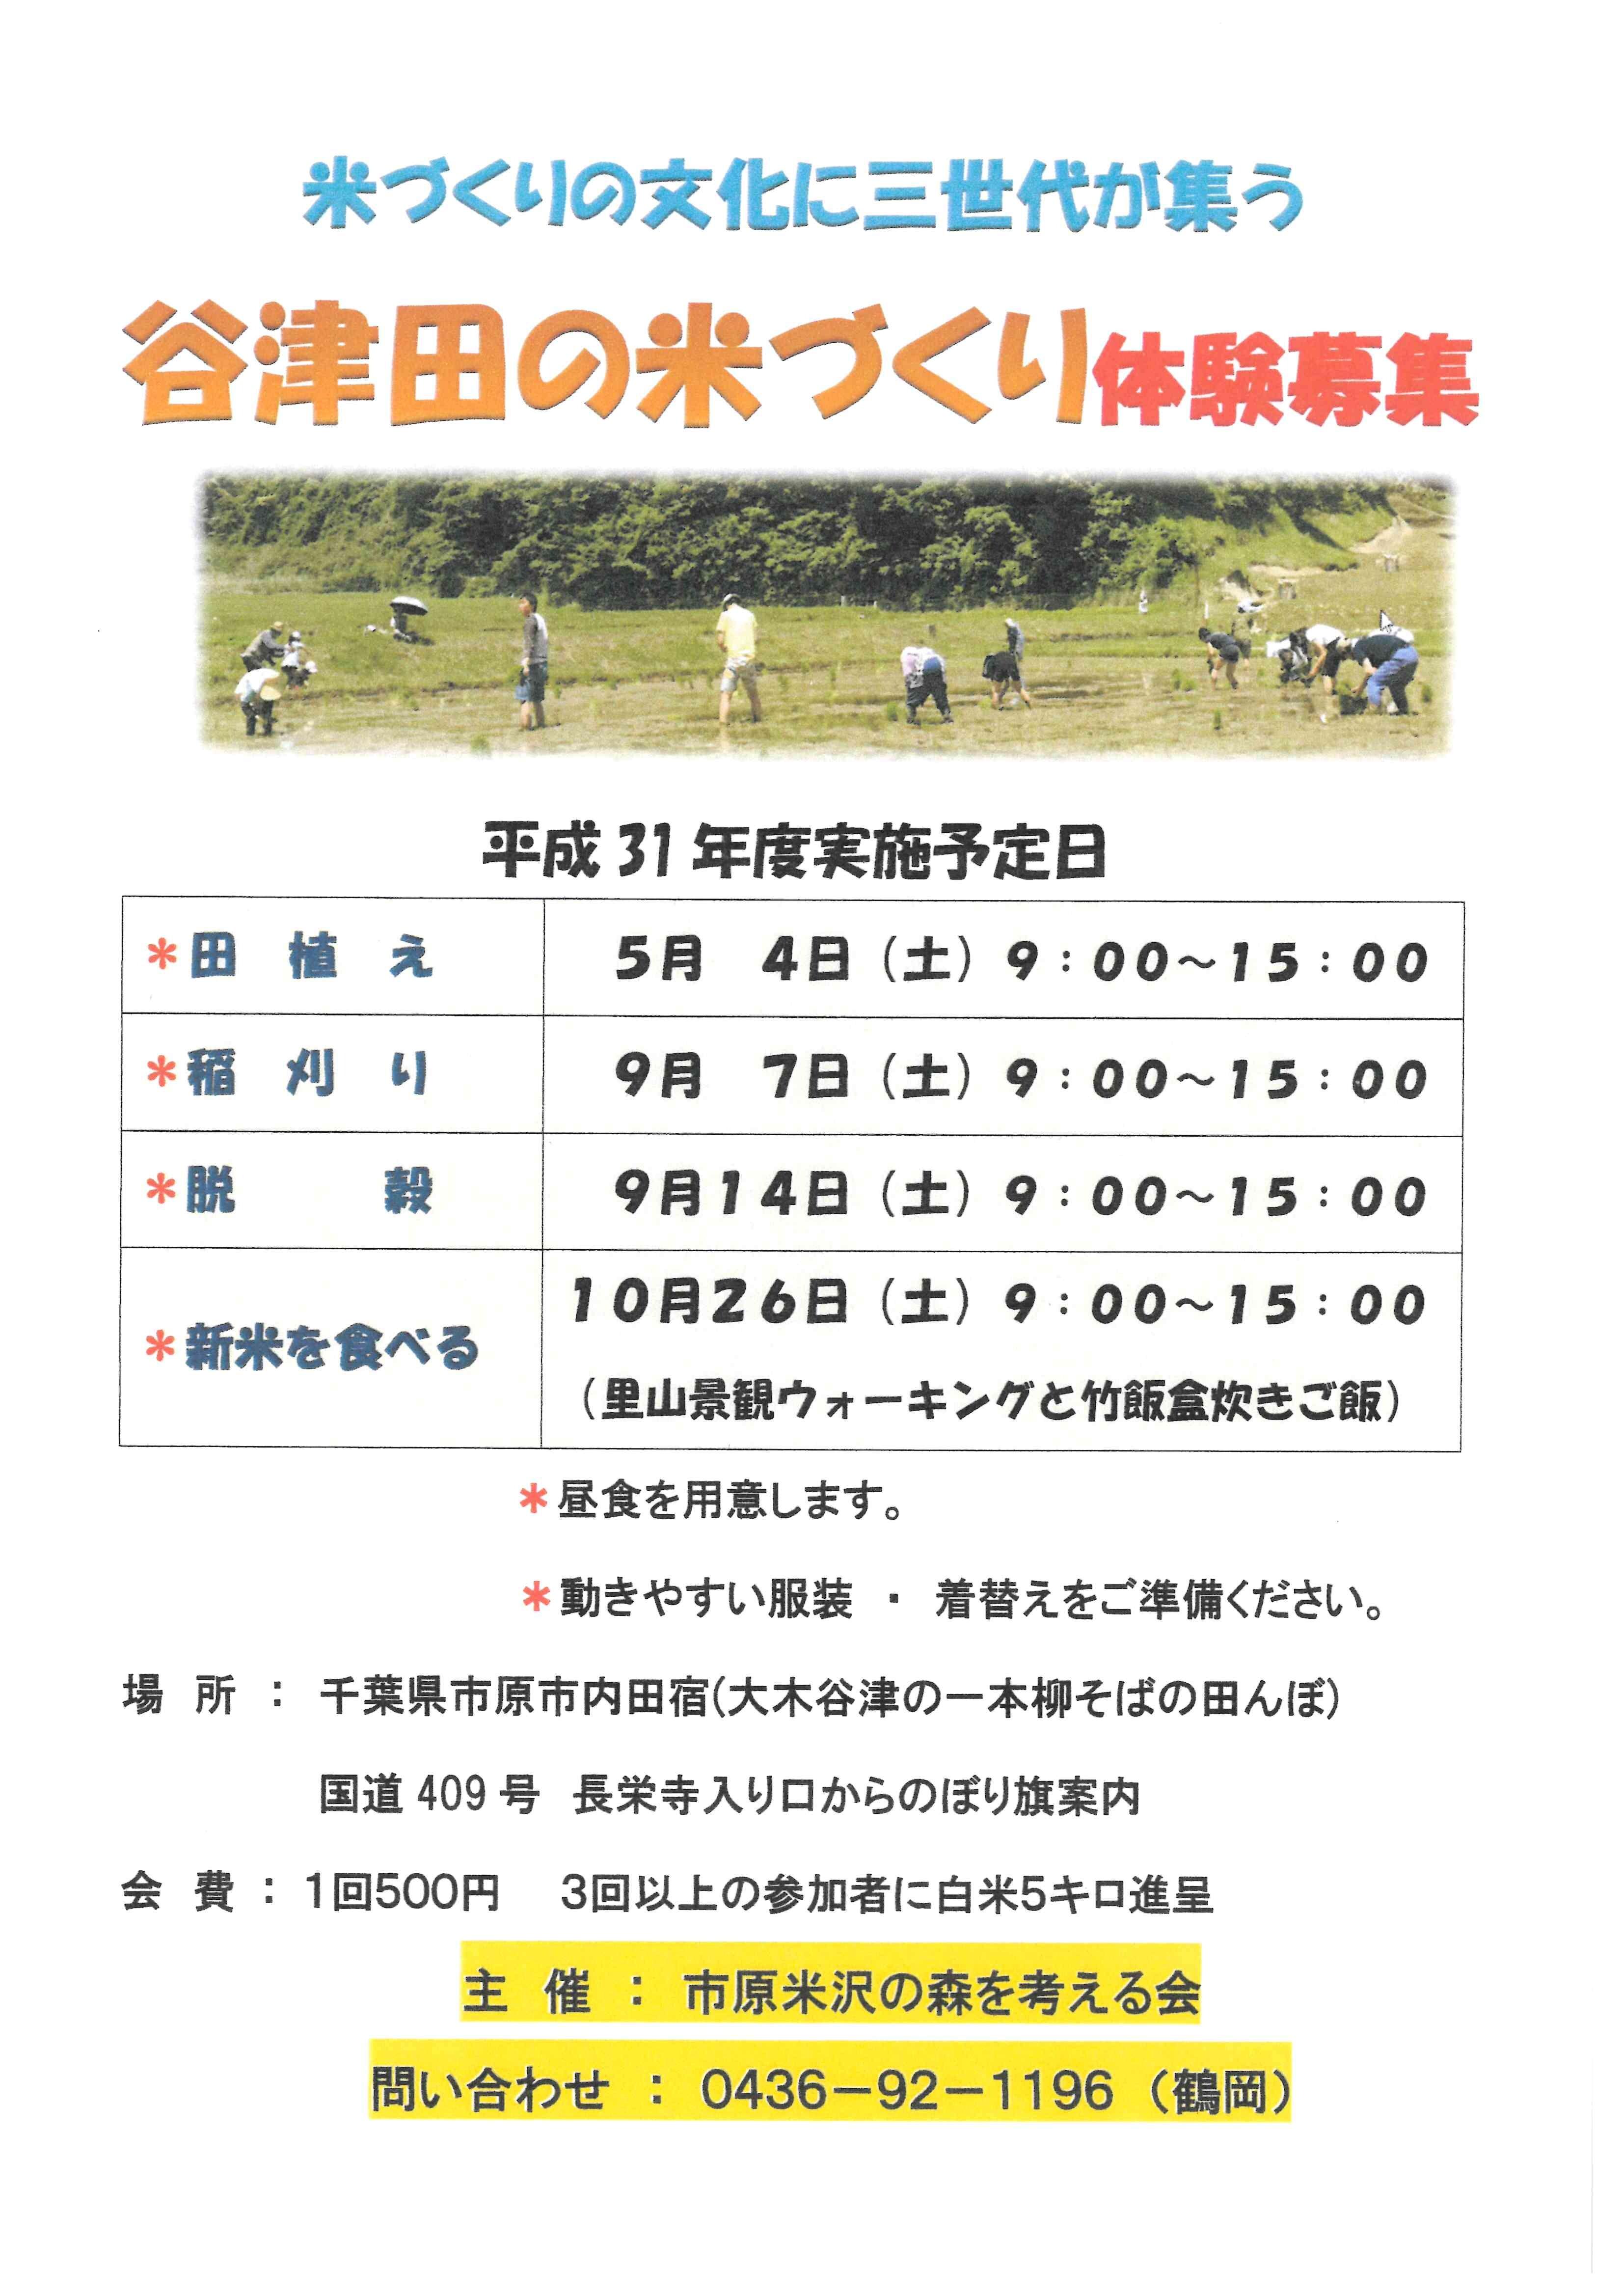 【9月7日(土)開催!】米作りの文化に三世代が集う 谷津田の米作り体験募集!